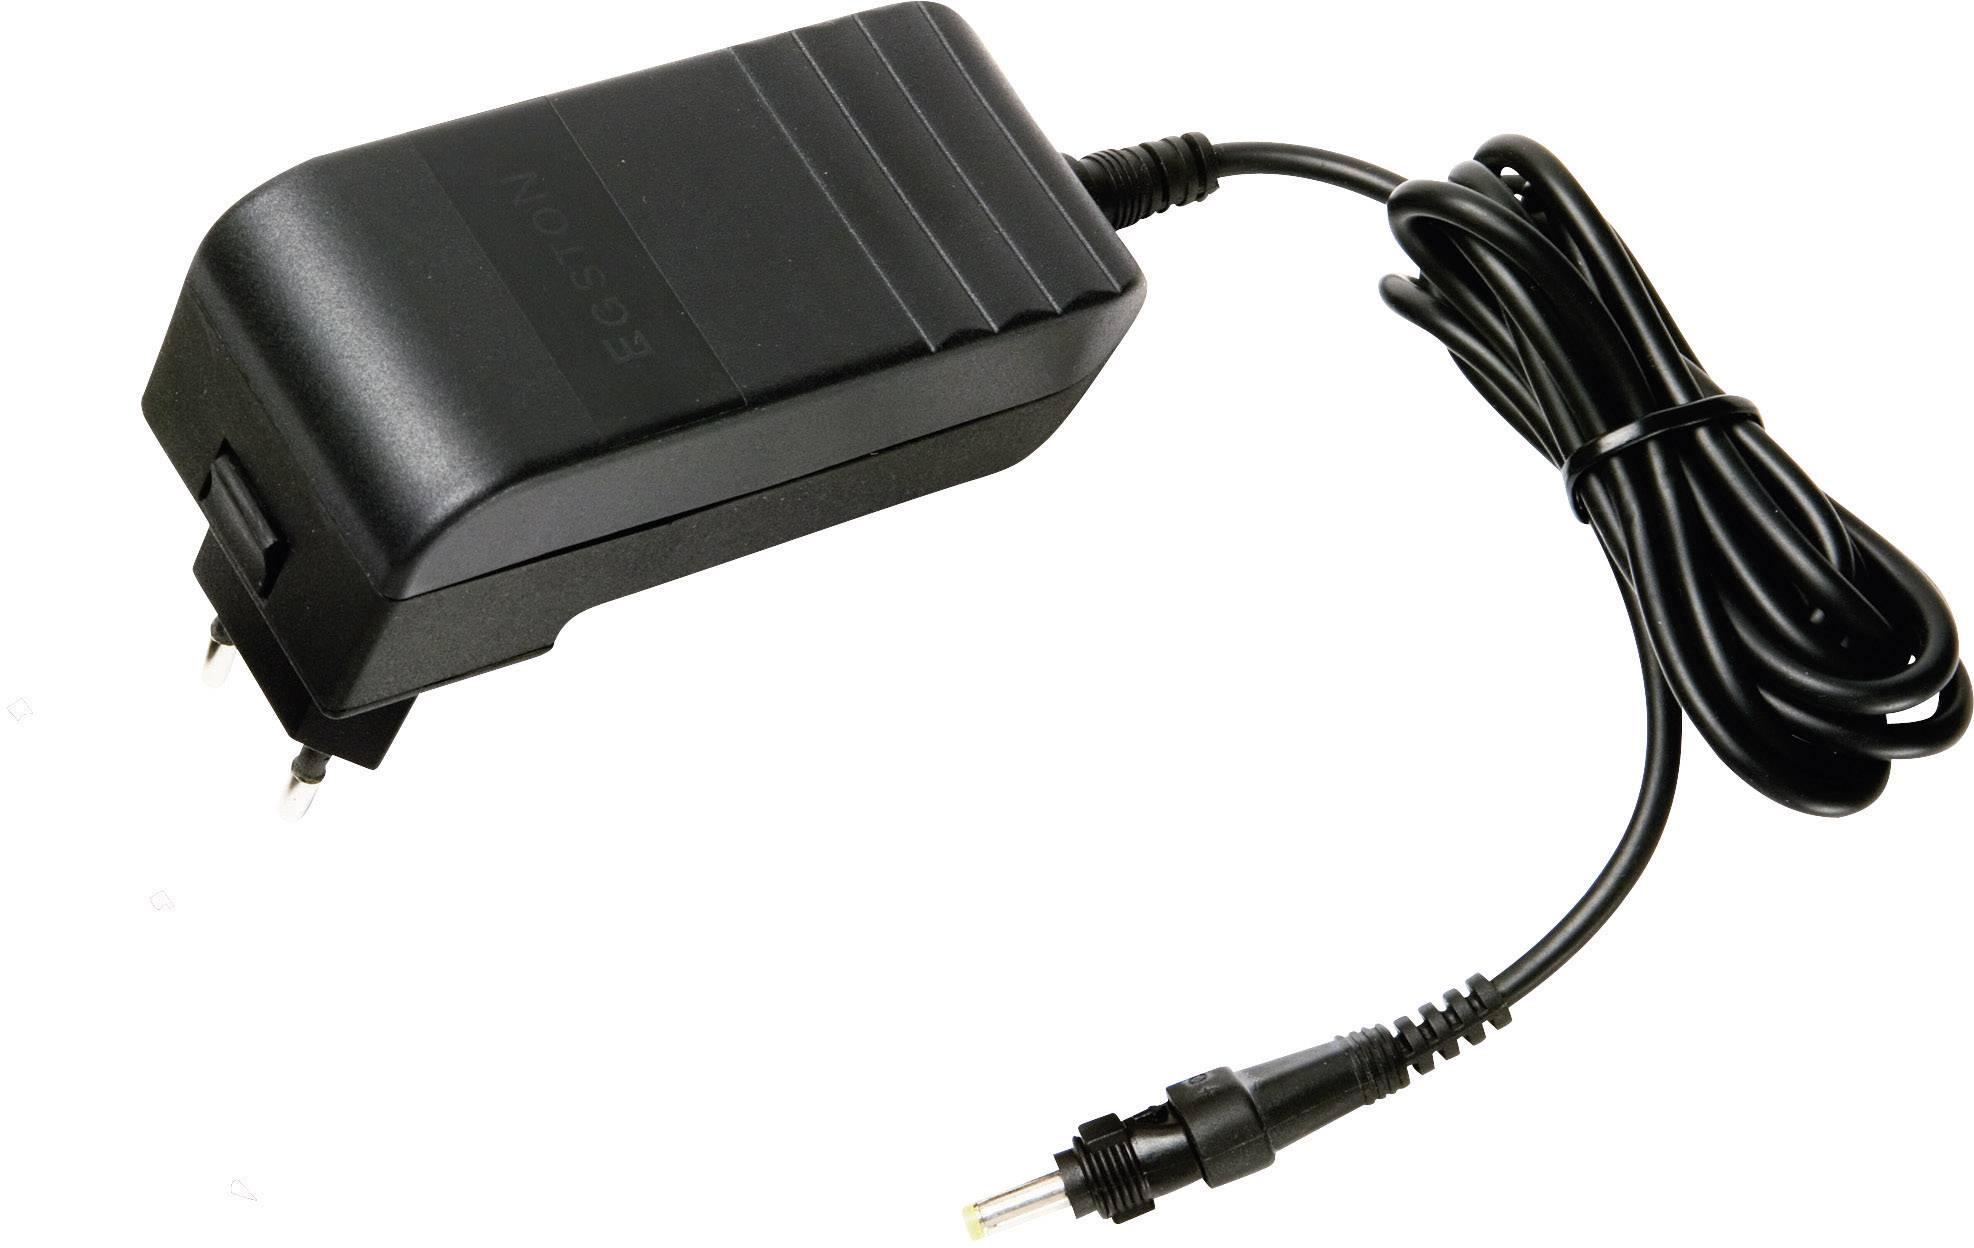 Zásuvkový adaptér so stálym napätím Egston 003920142, 12 W, 500 mA